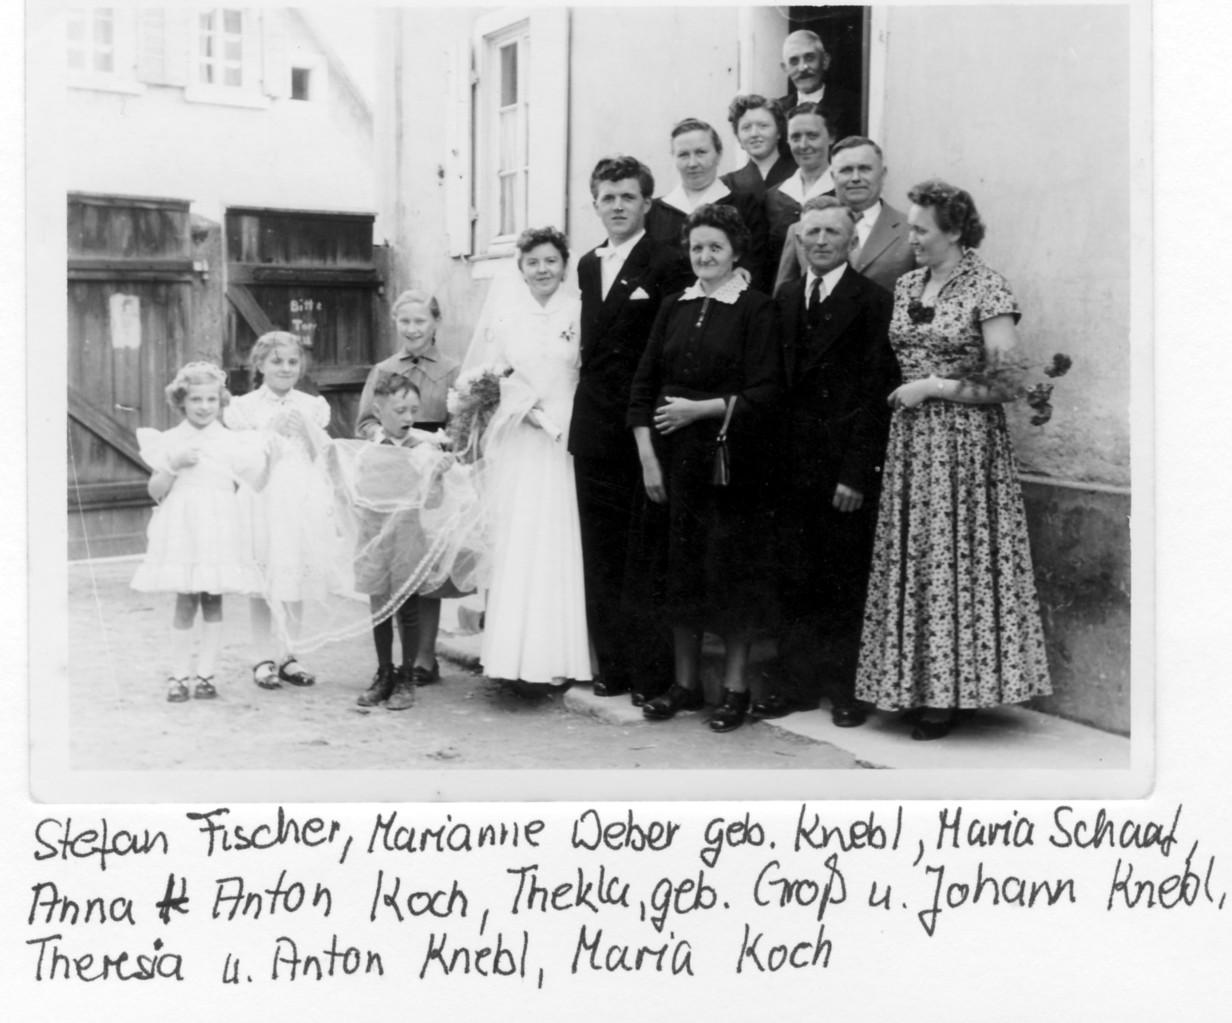 Hochzeitsgesellschaft Knebl und Groß